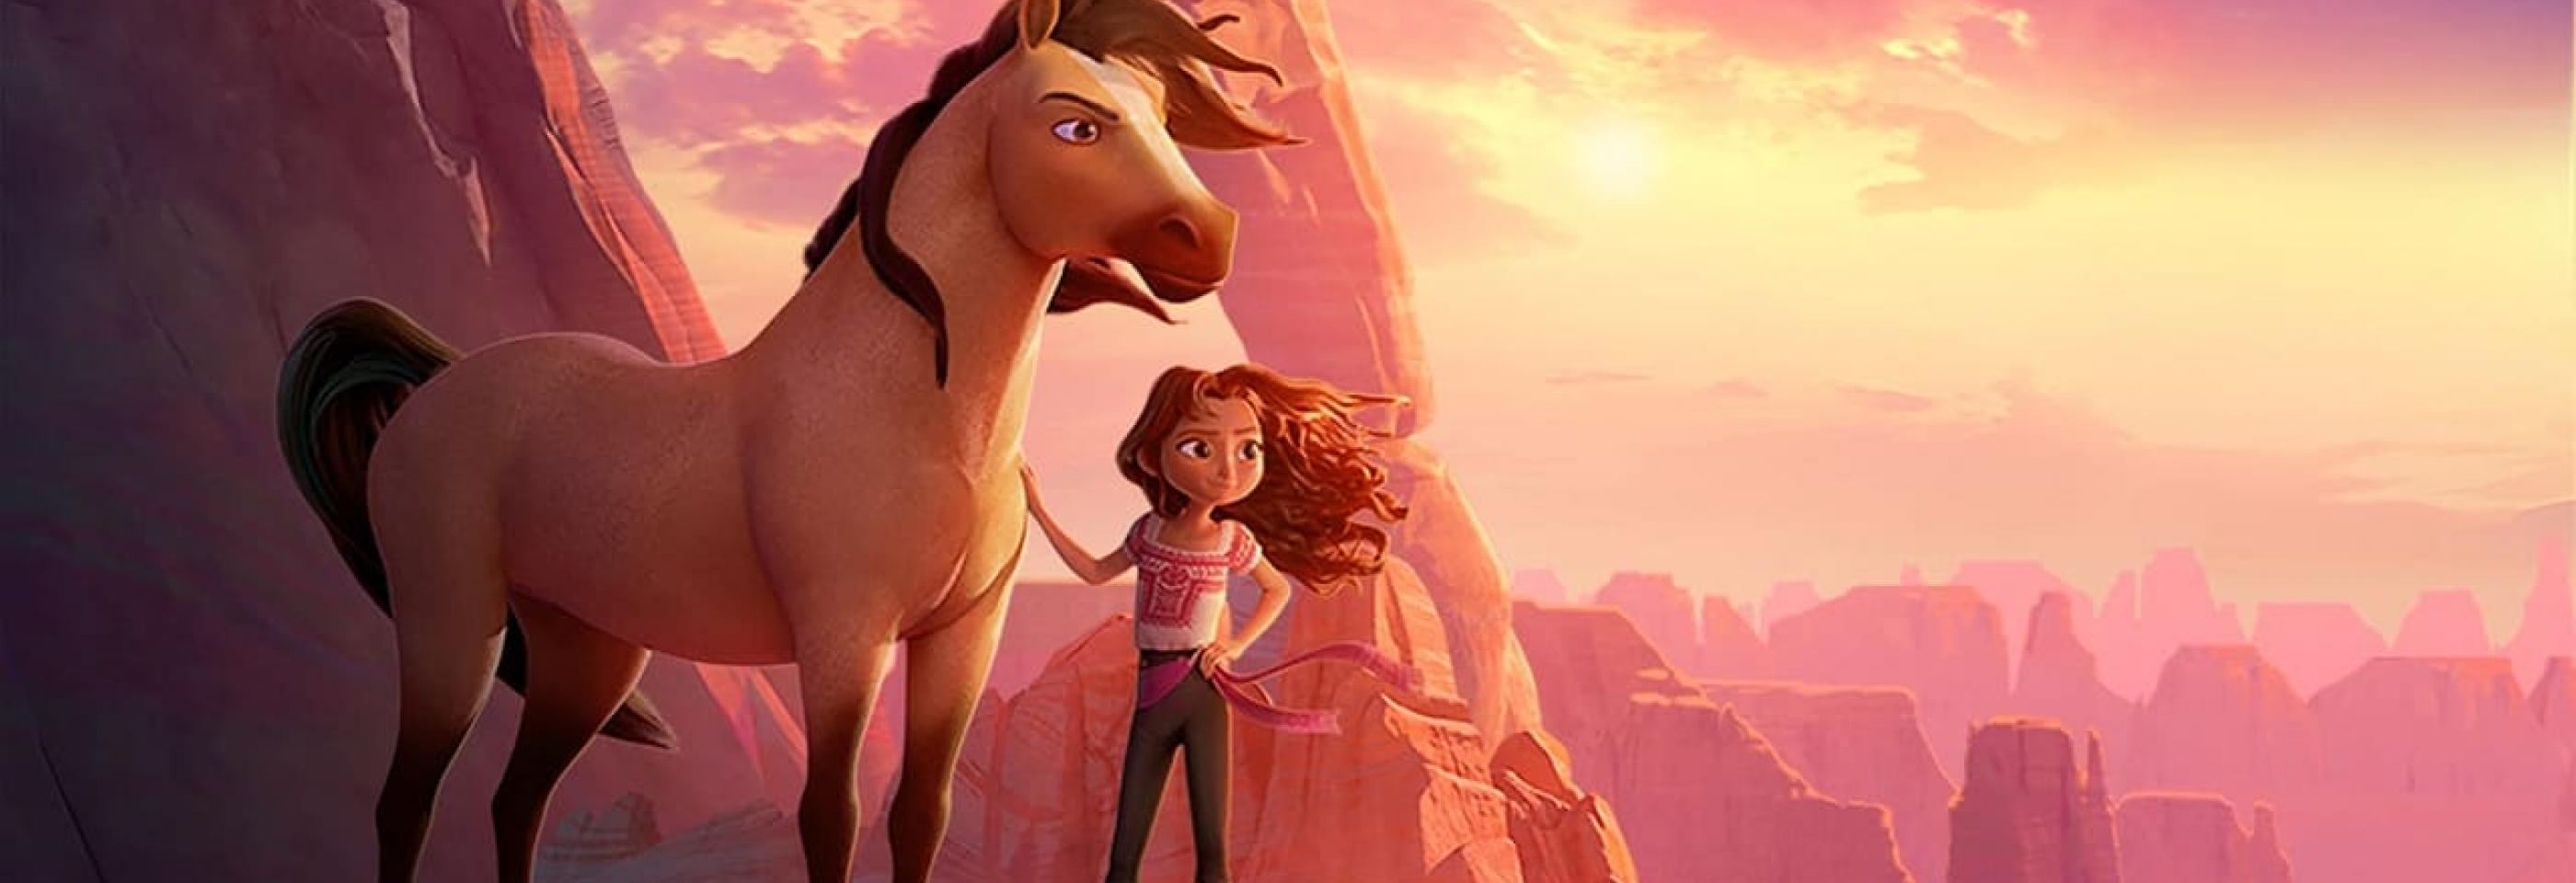 Cine Kids: Spirit Untamed (U) - Derby Days Out